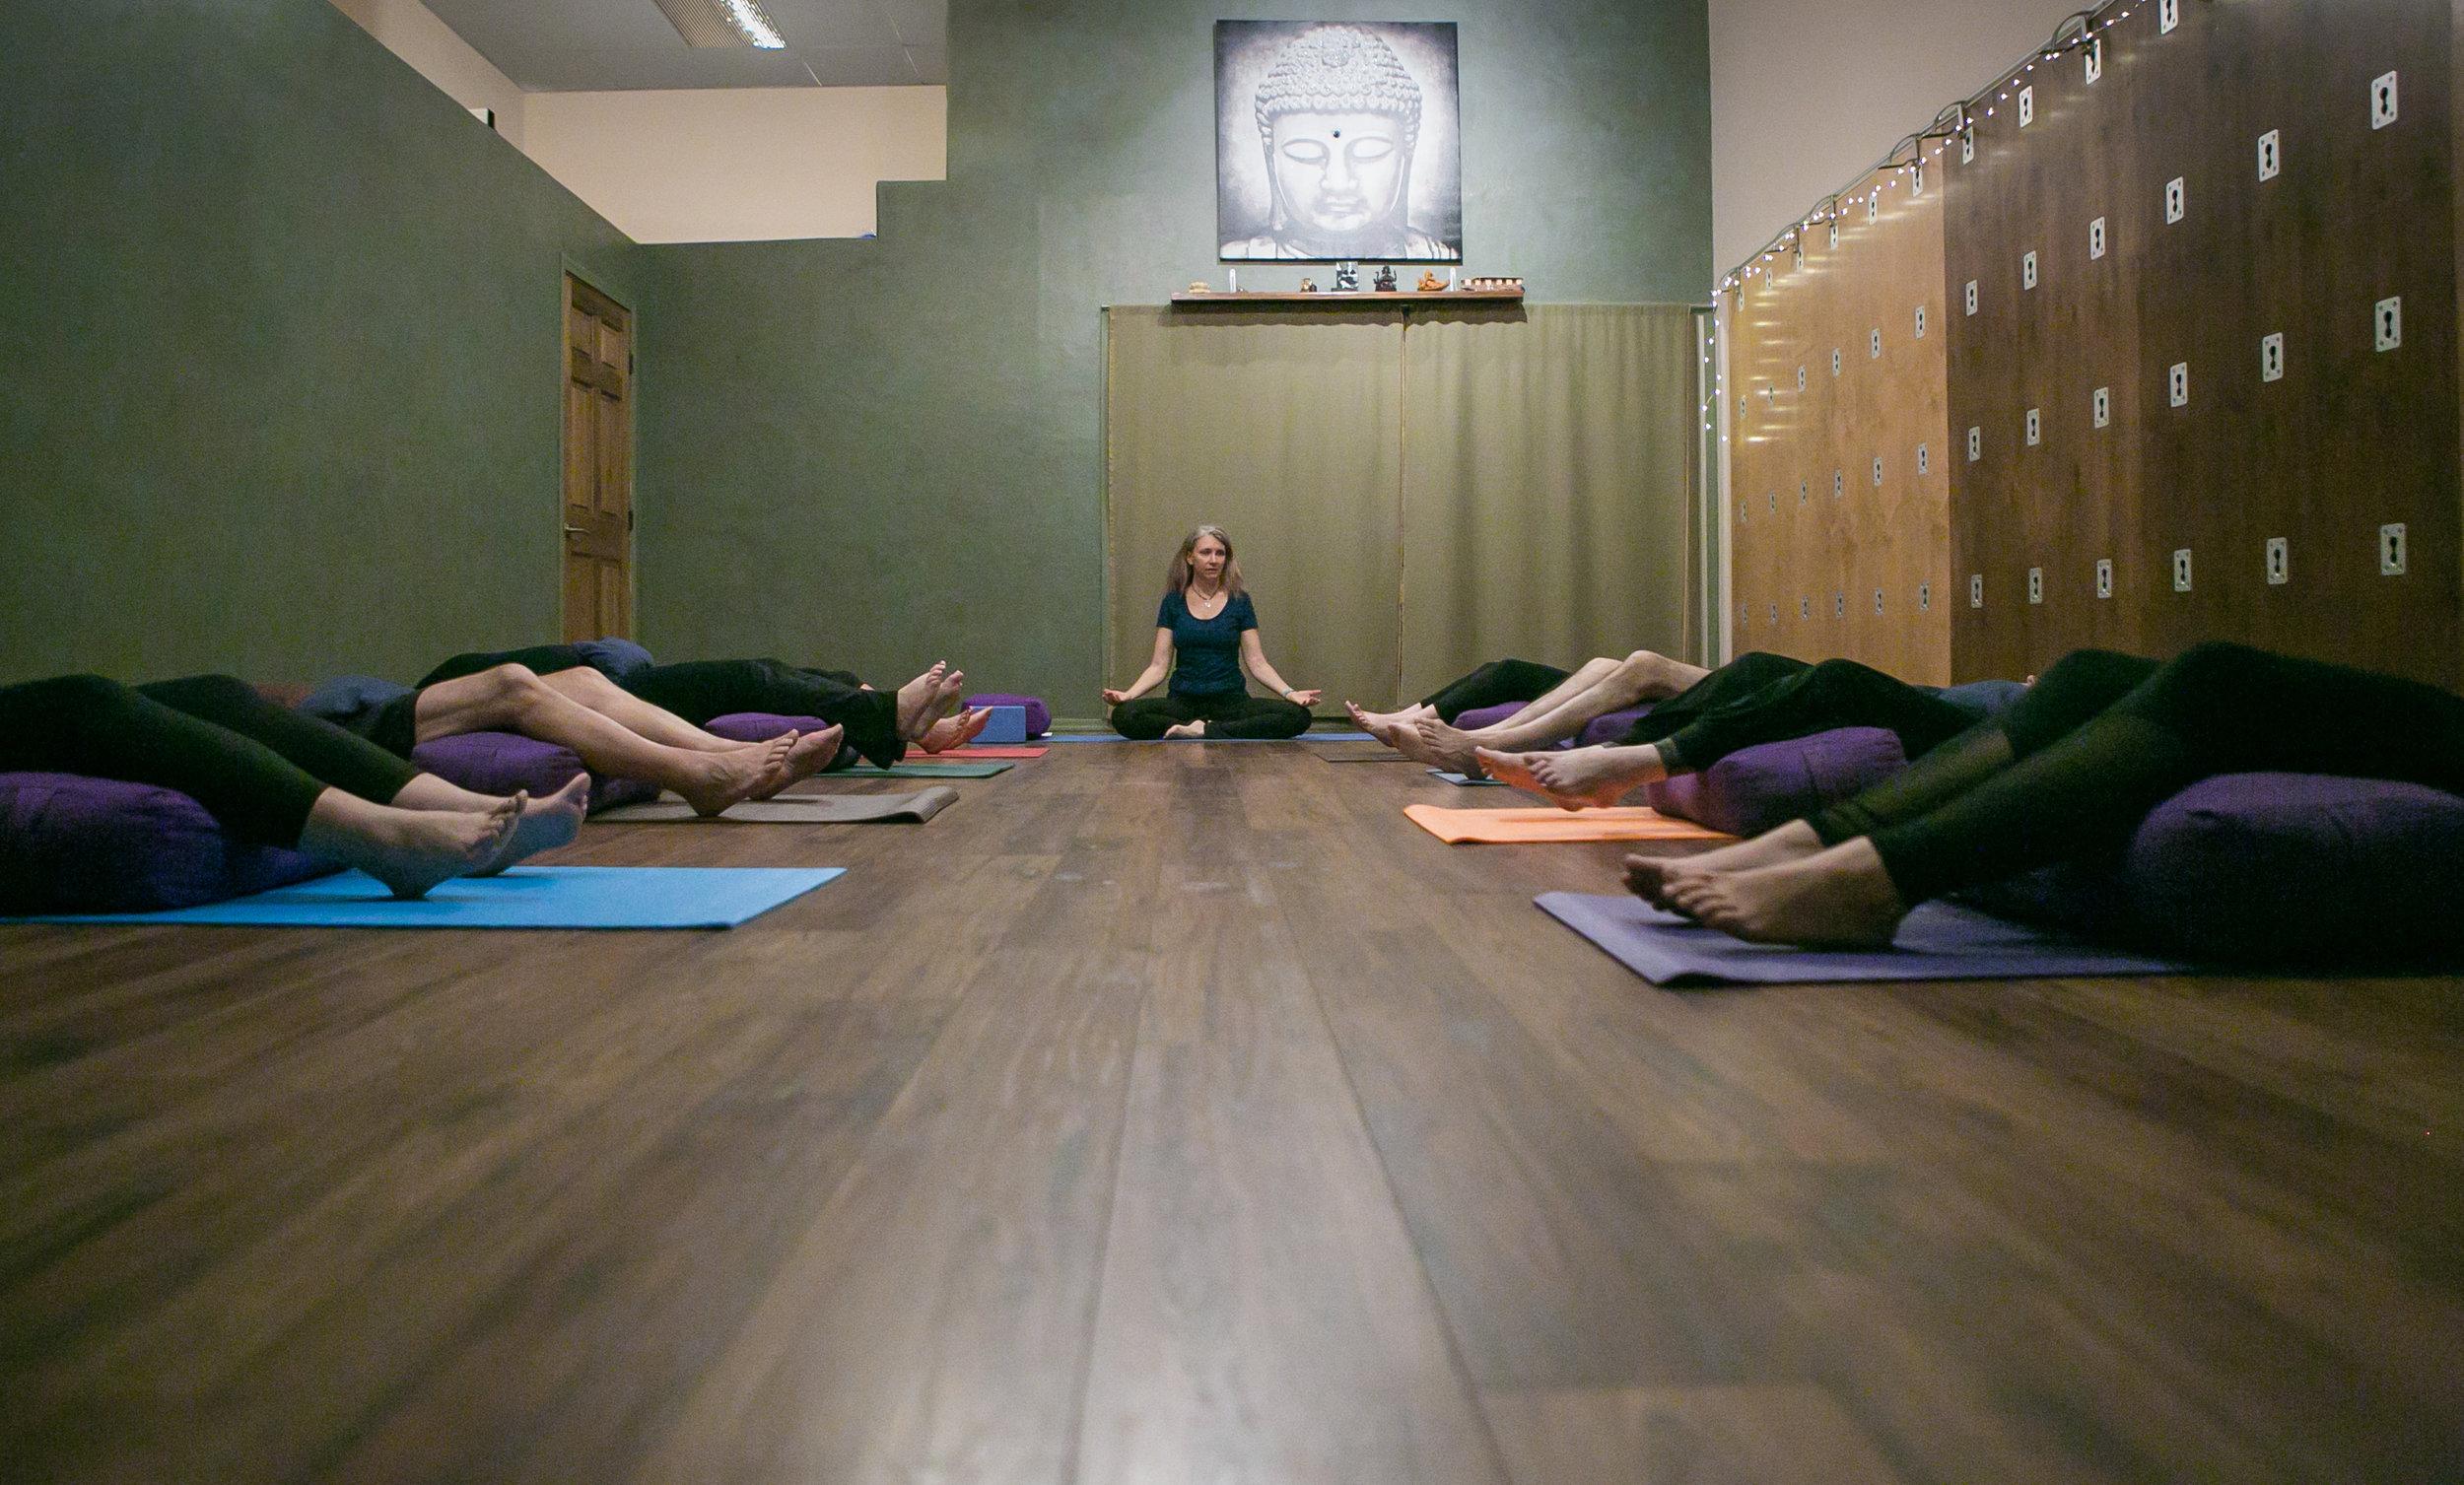 10-30-18_WIDE_LyndiRivers_Yoga_KathleenDreierPhotography_IMG_0220.jpg